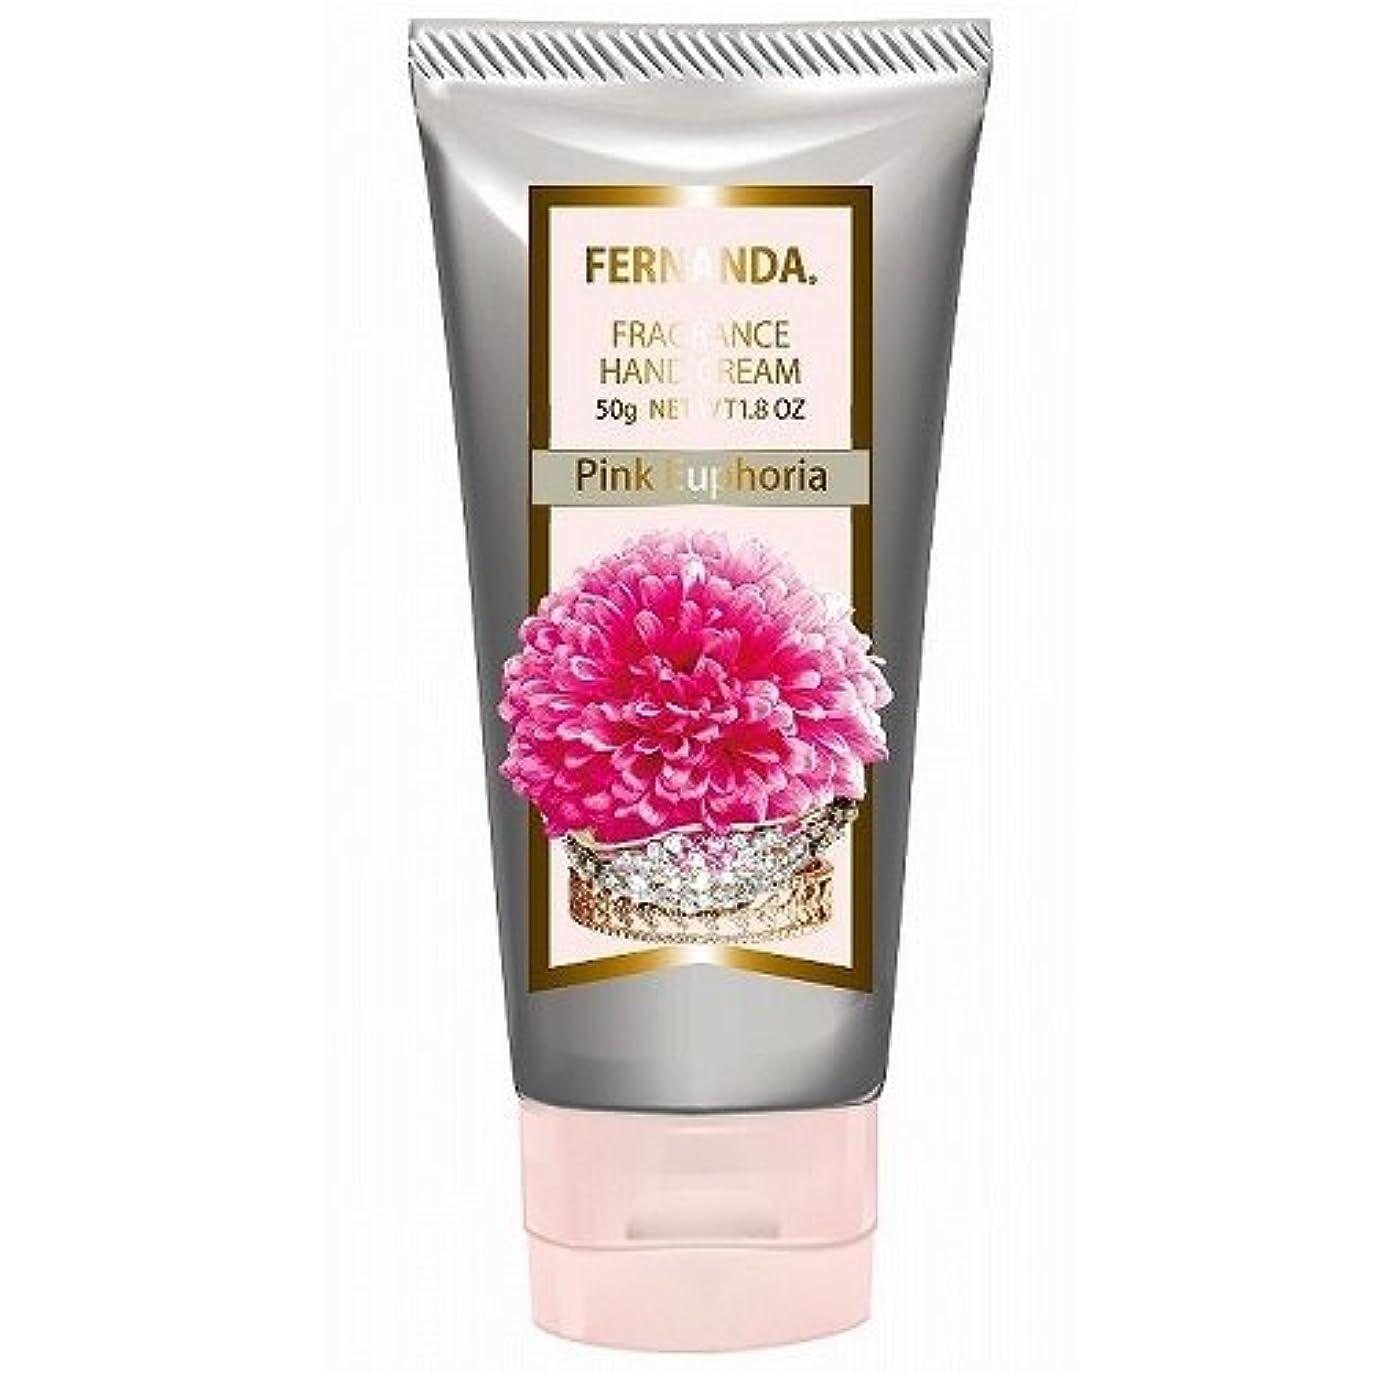 イデオロギー投資する監督するFERNANDA(フェルナンダ) Hand Cream Pink Euphoria (ハンドクリーム ピンクエウフォリア)